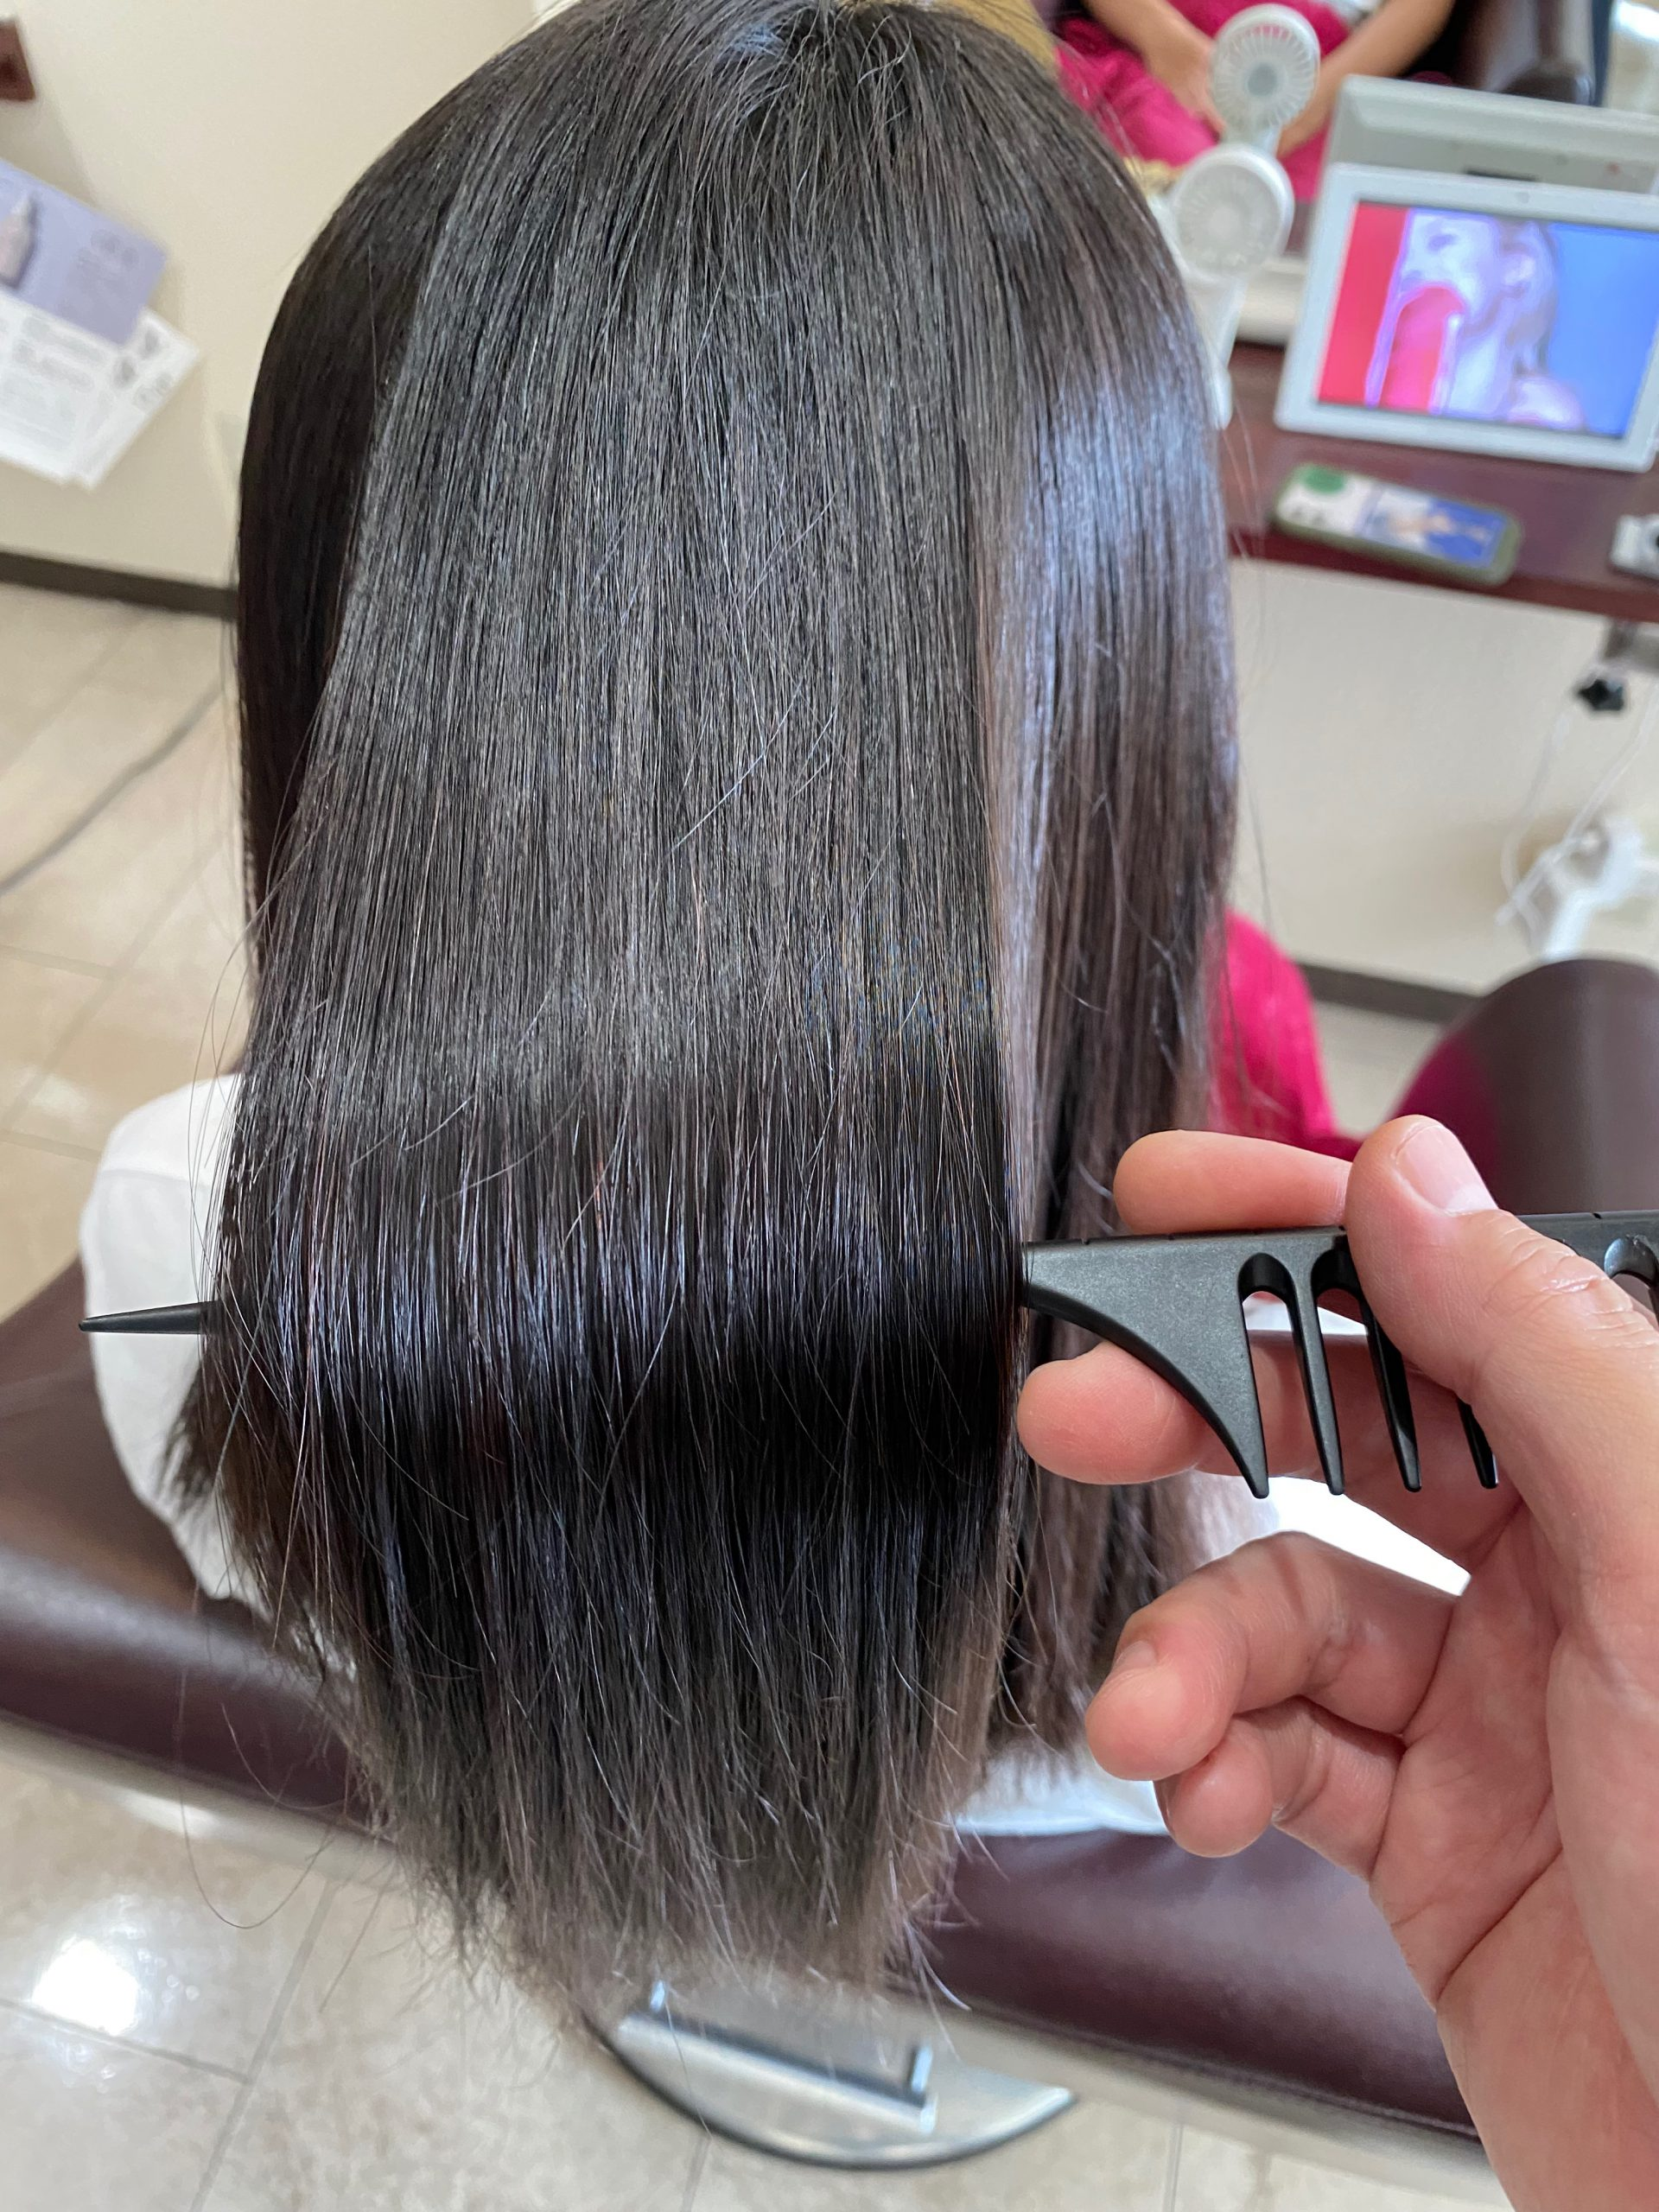 縮毛矯正 髪質改善 艶髪 トリートメント 大阪 堺市 仕上がり 美容 高石 和泉 泉大津 岸和田 ヘアカラー